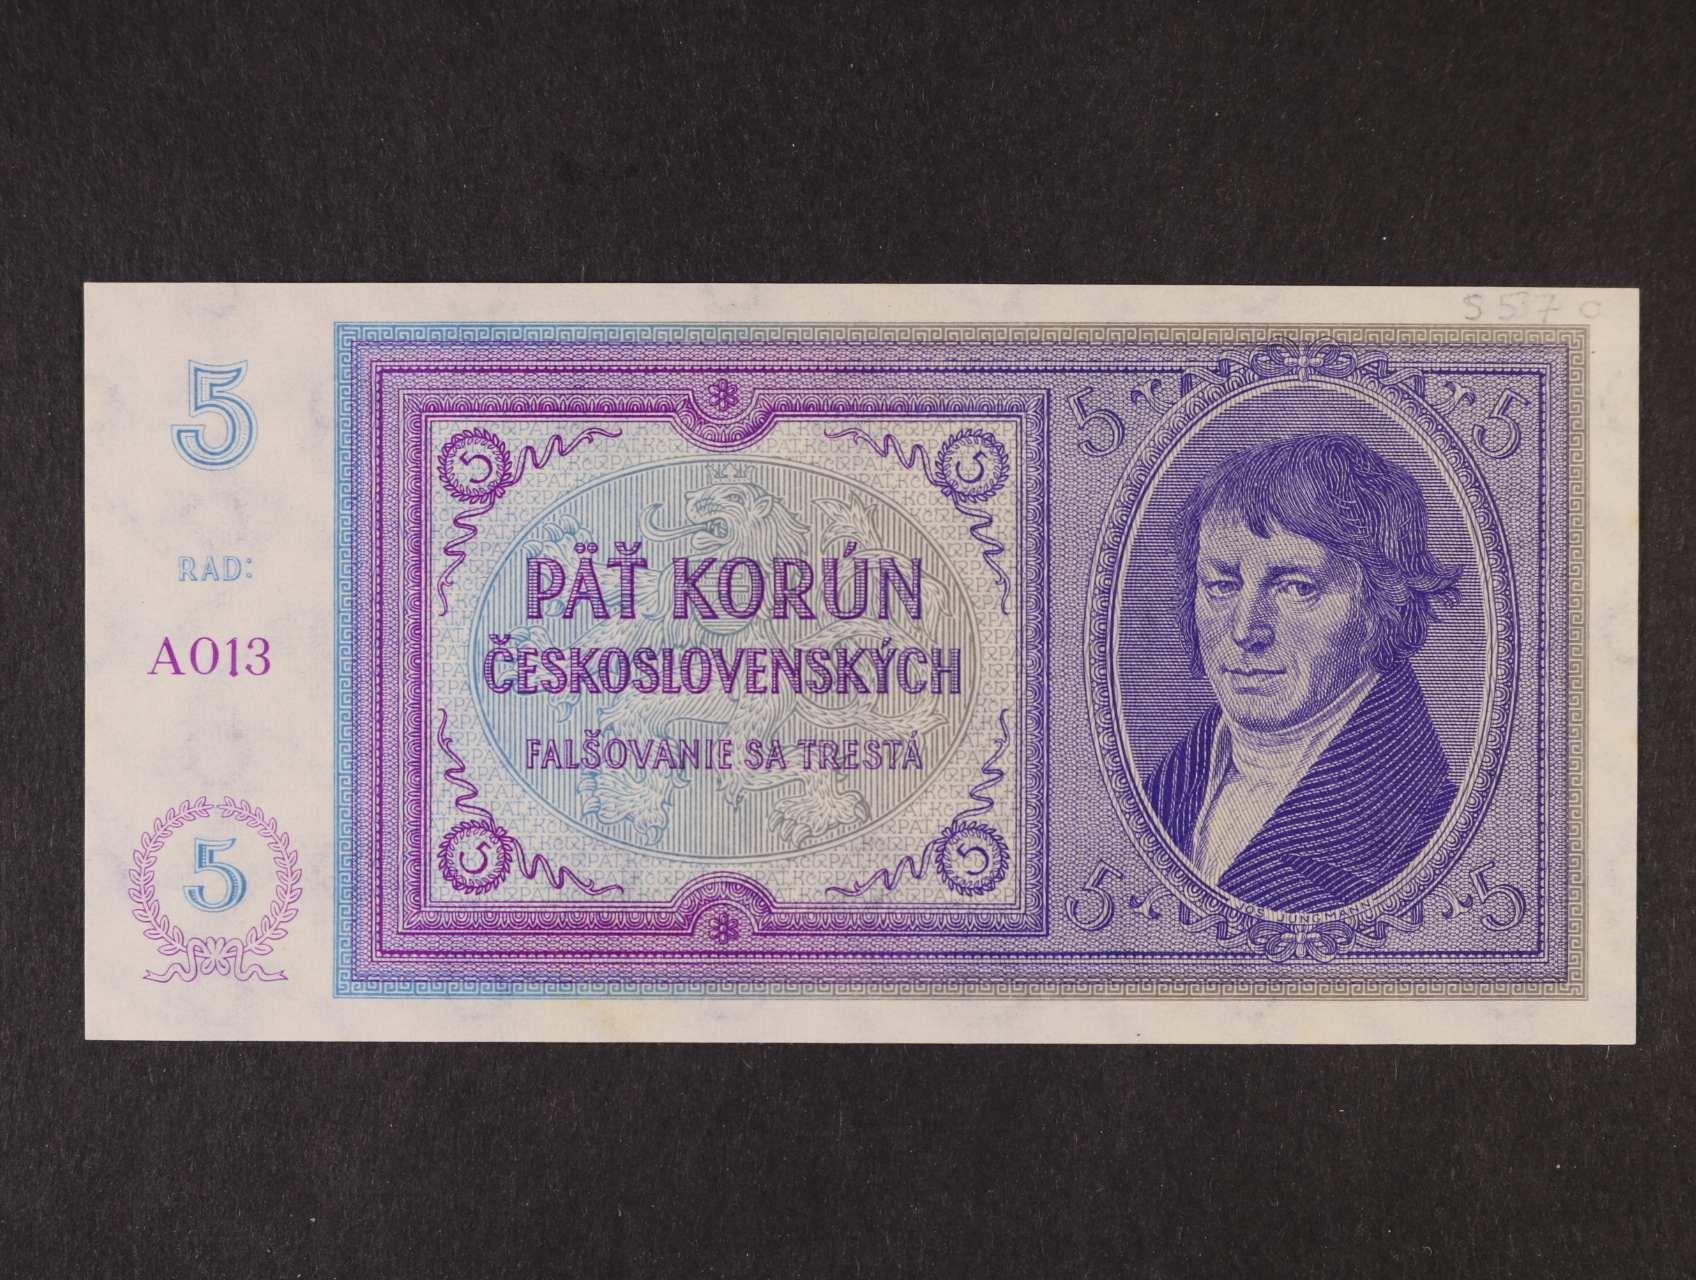 5 Kč 1938 série A 013 nevydaná, Ba. N2, Pi. 28